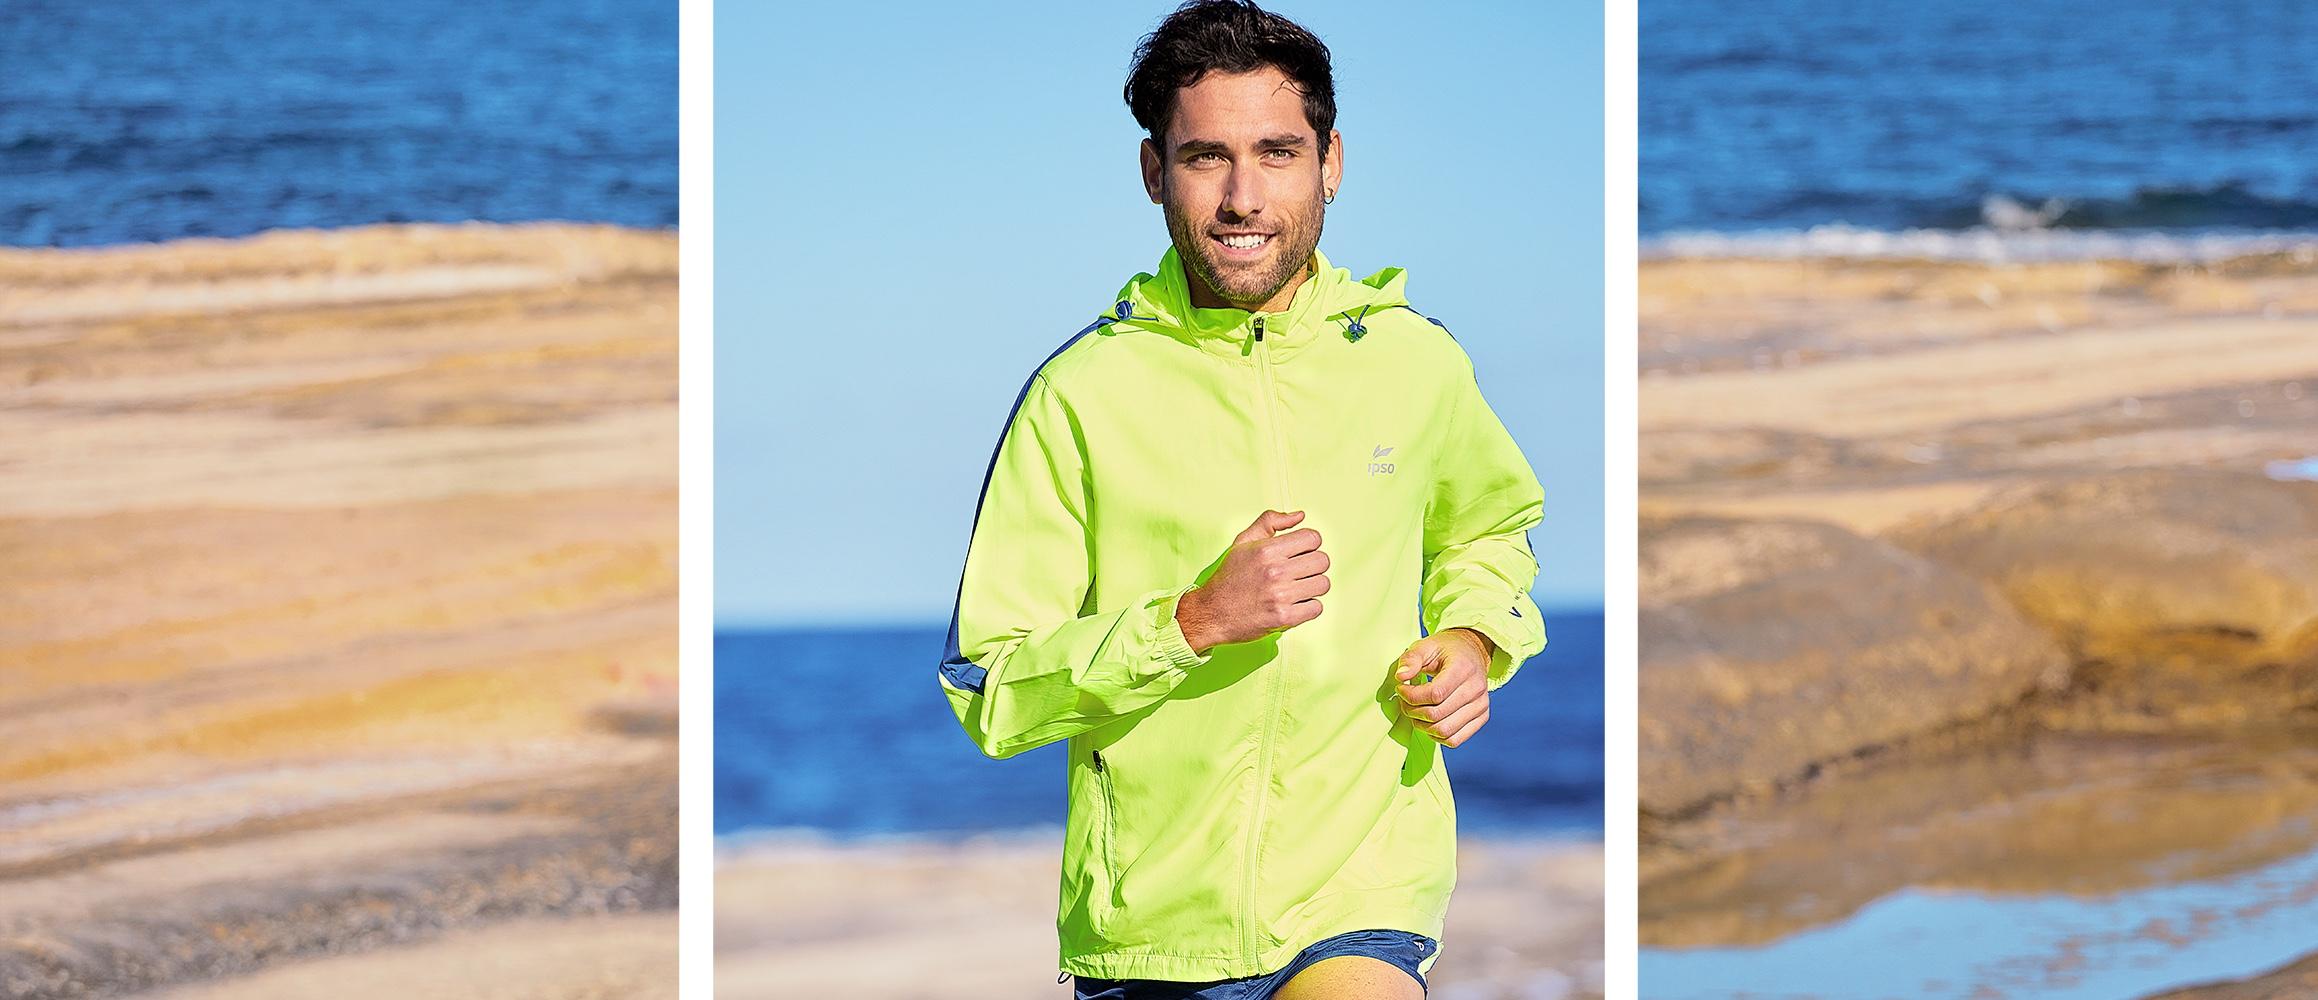 Sergio Turull - Maraton man / travel / lifestyle